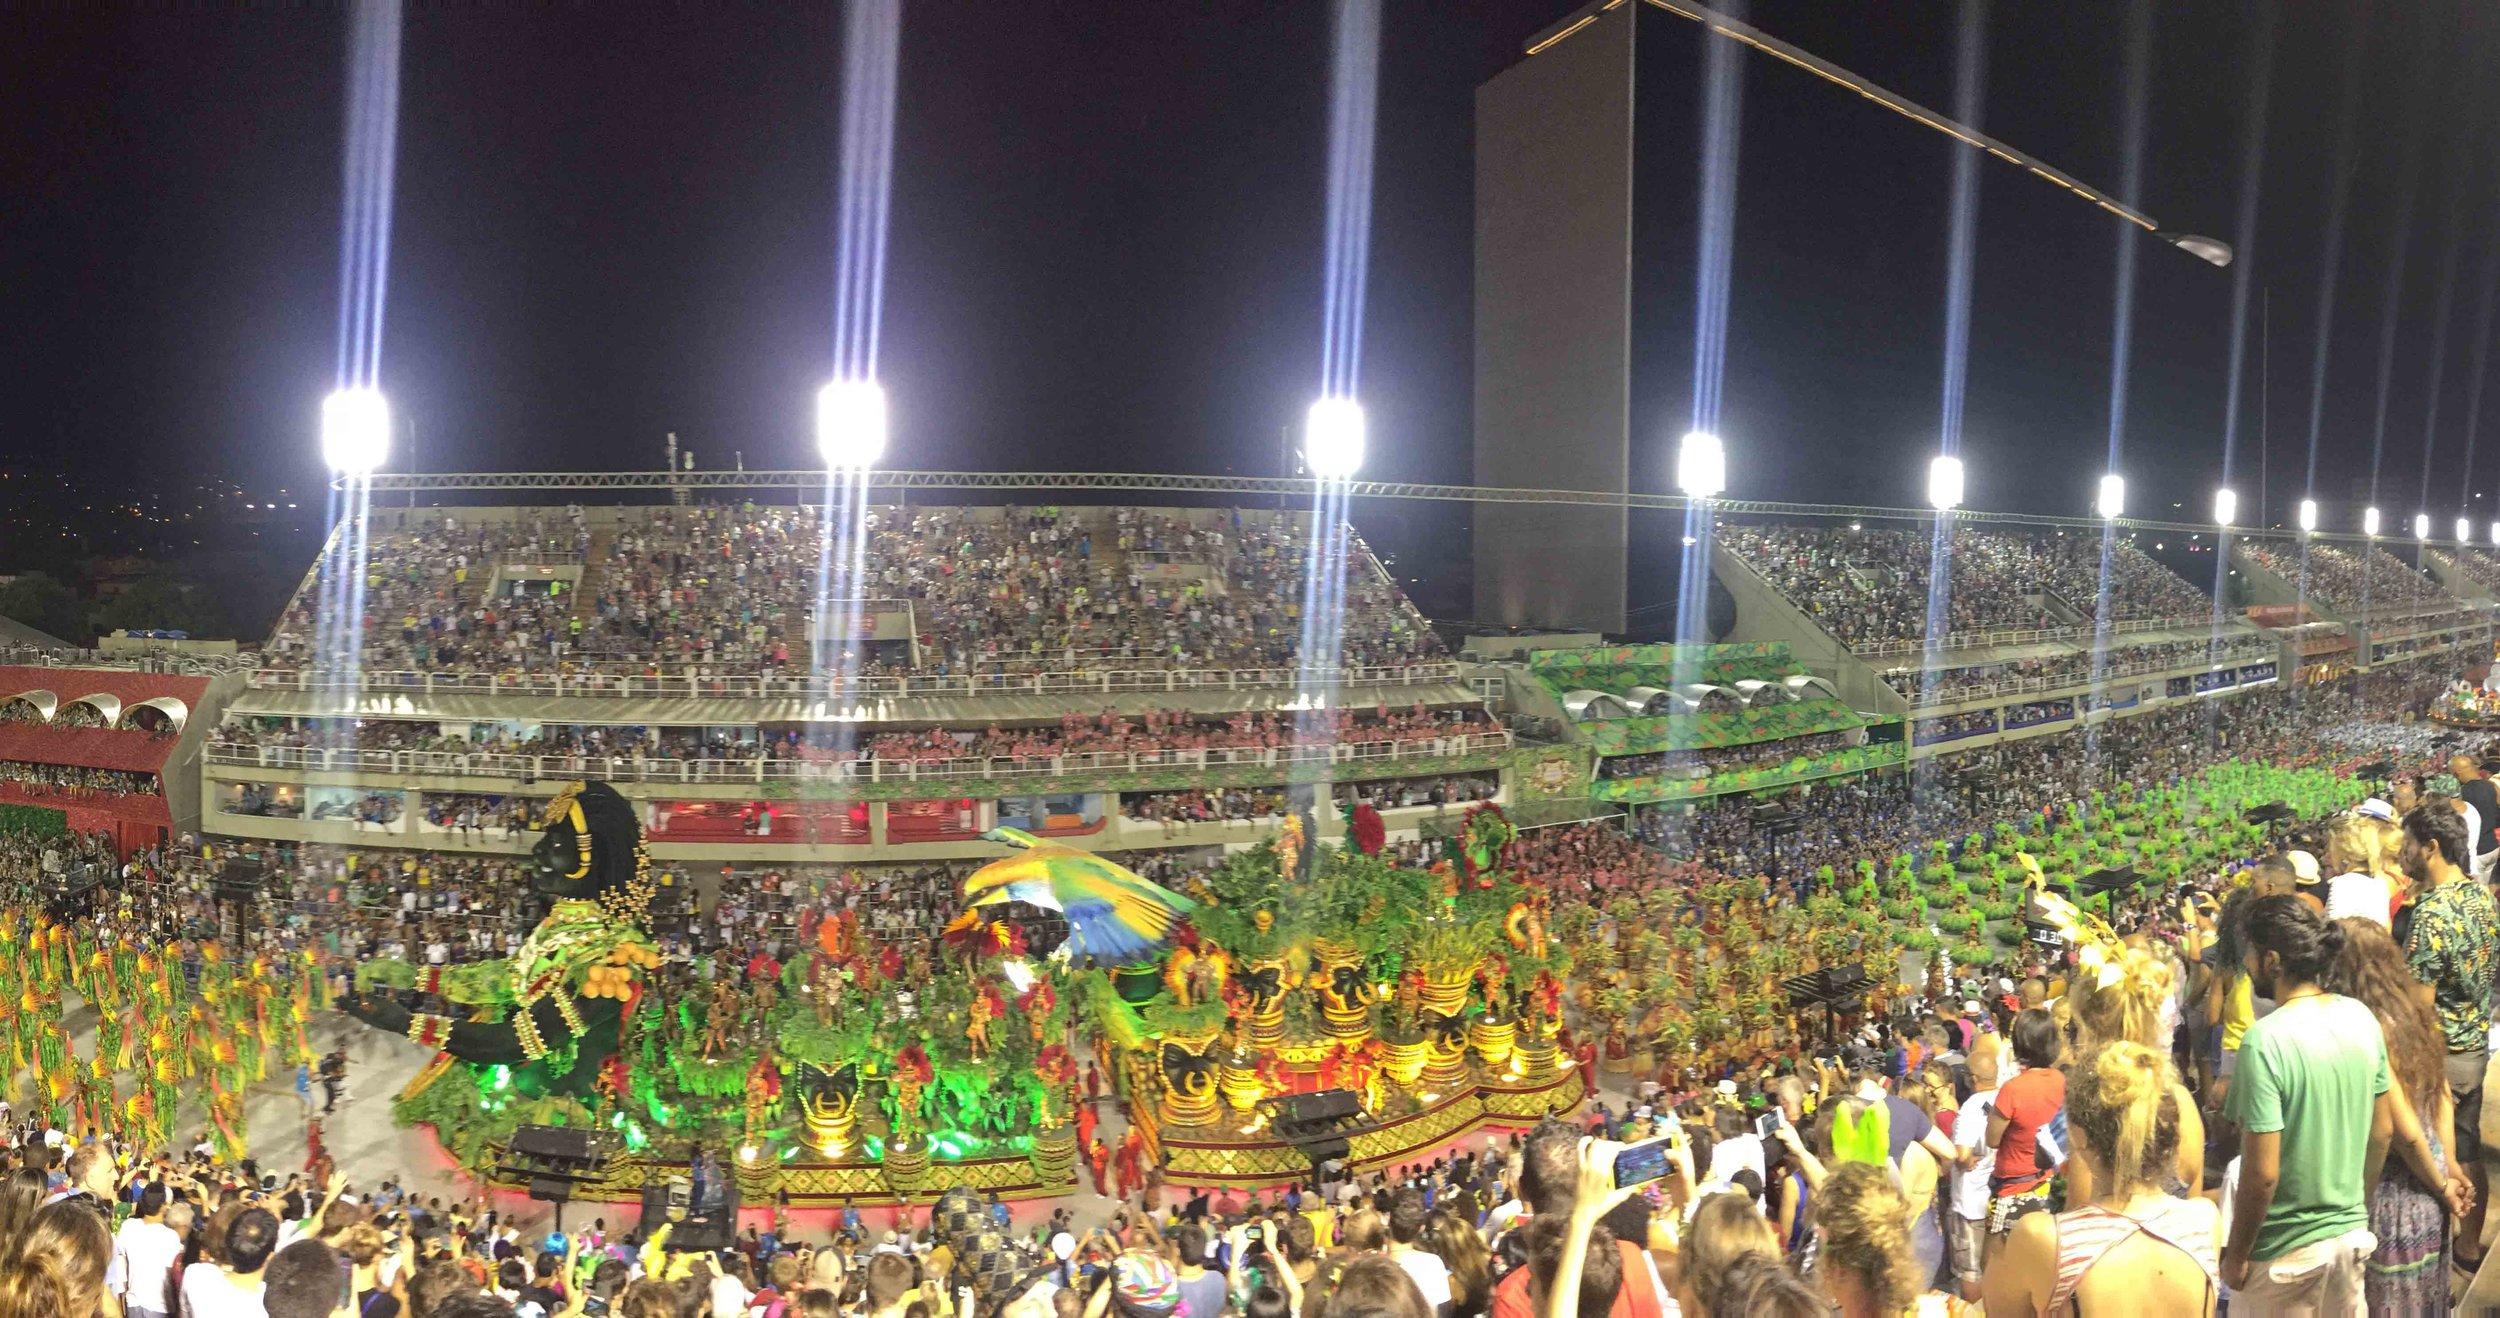 Sambodrome Rio de Janeiro, Brazil.